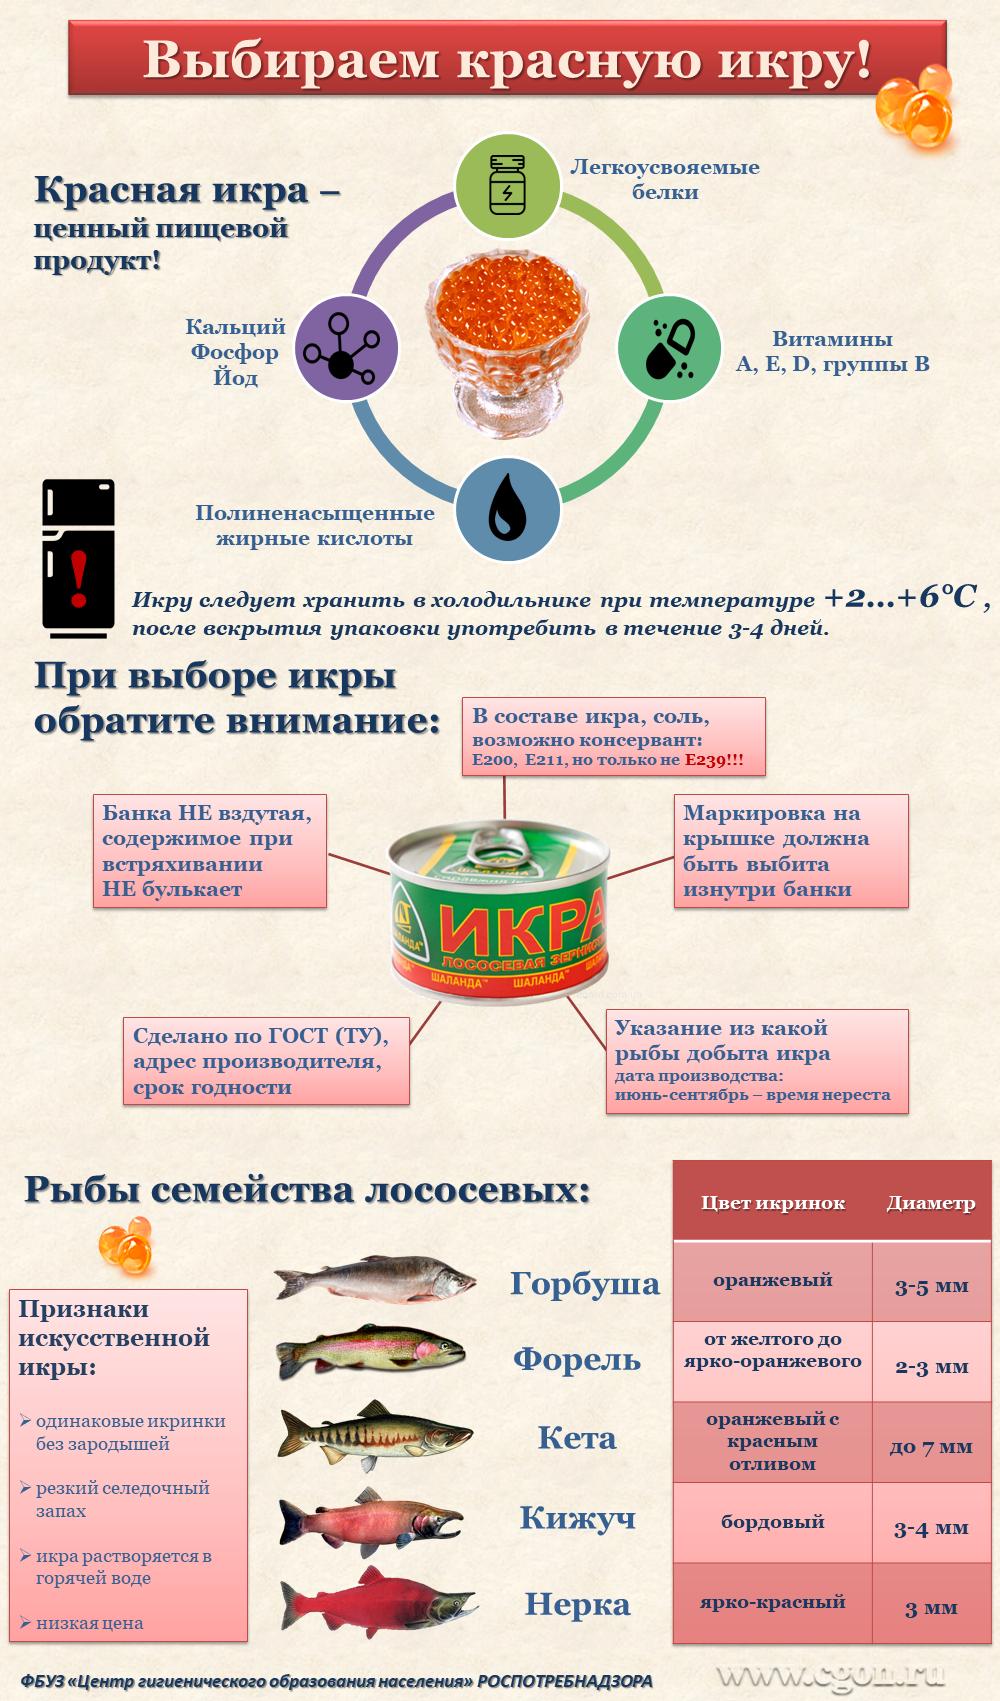 Полезные свойства икры